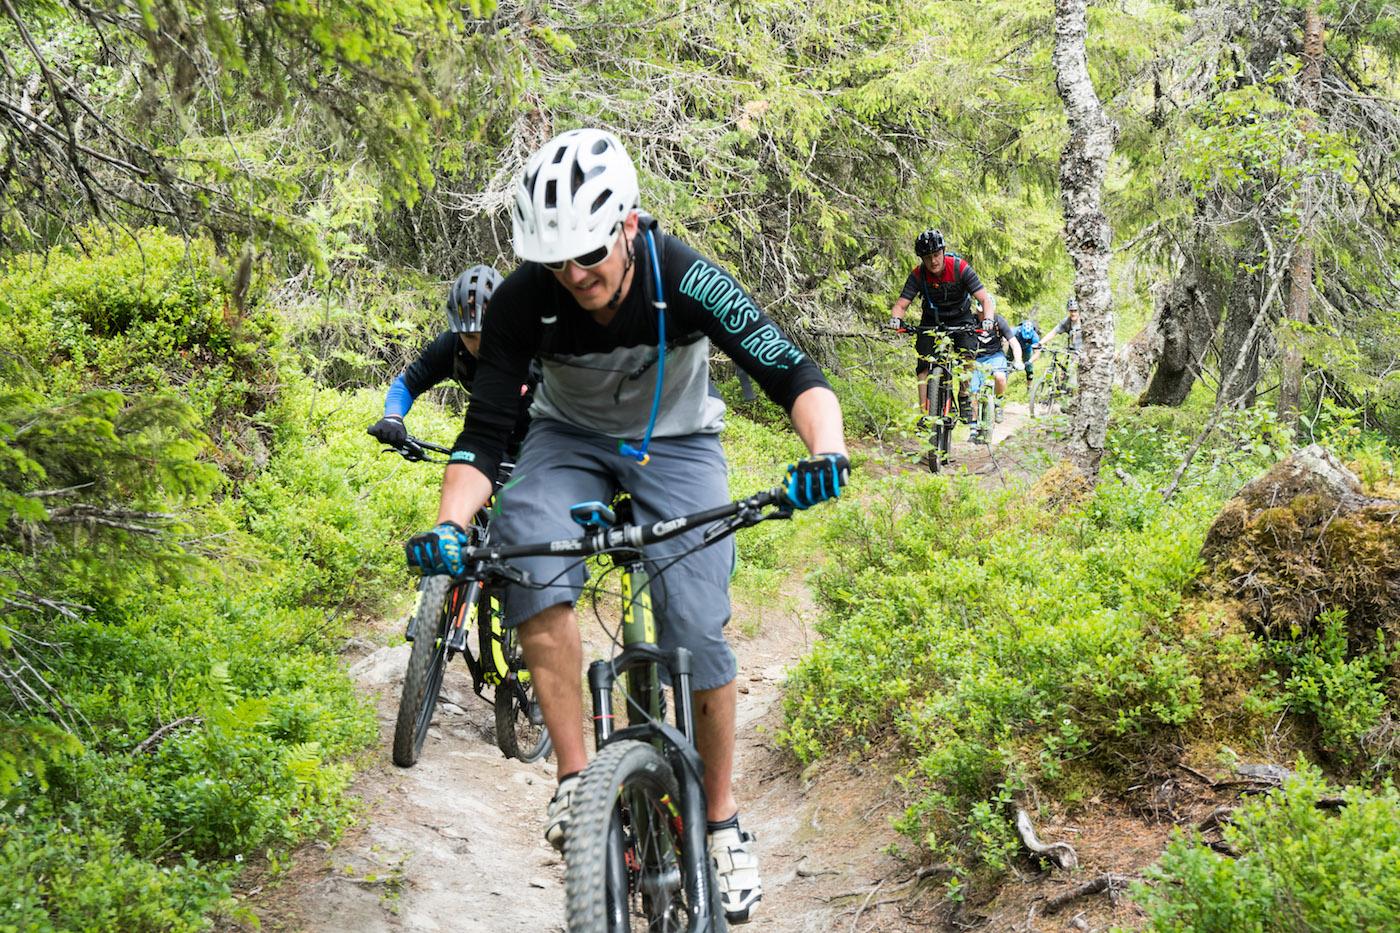 Trondheim stisykkelfestival arrangeres for sjette gang denne helga, og byr på et variert program med turer for både ferske og erfarne. Foto: Eirik Volent